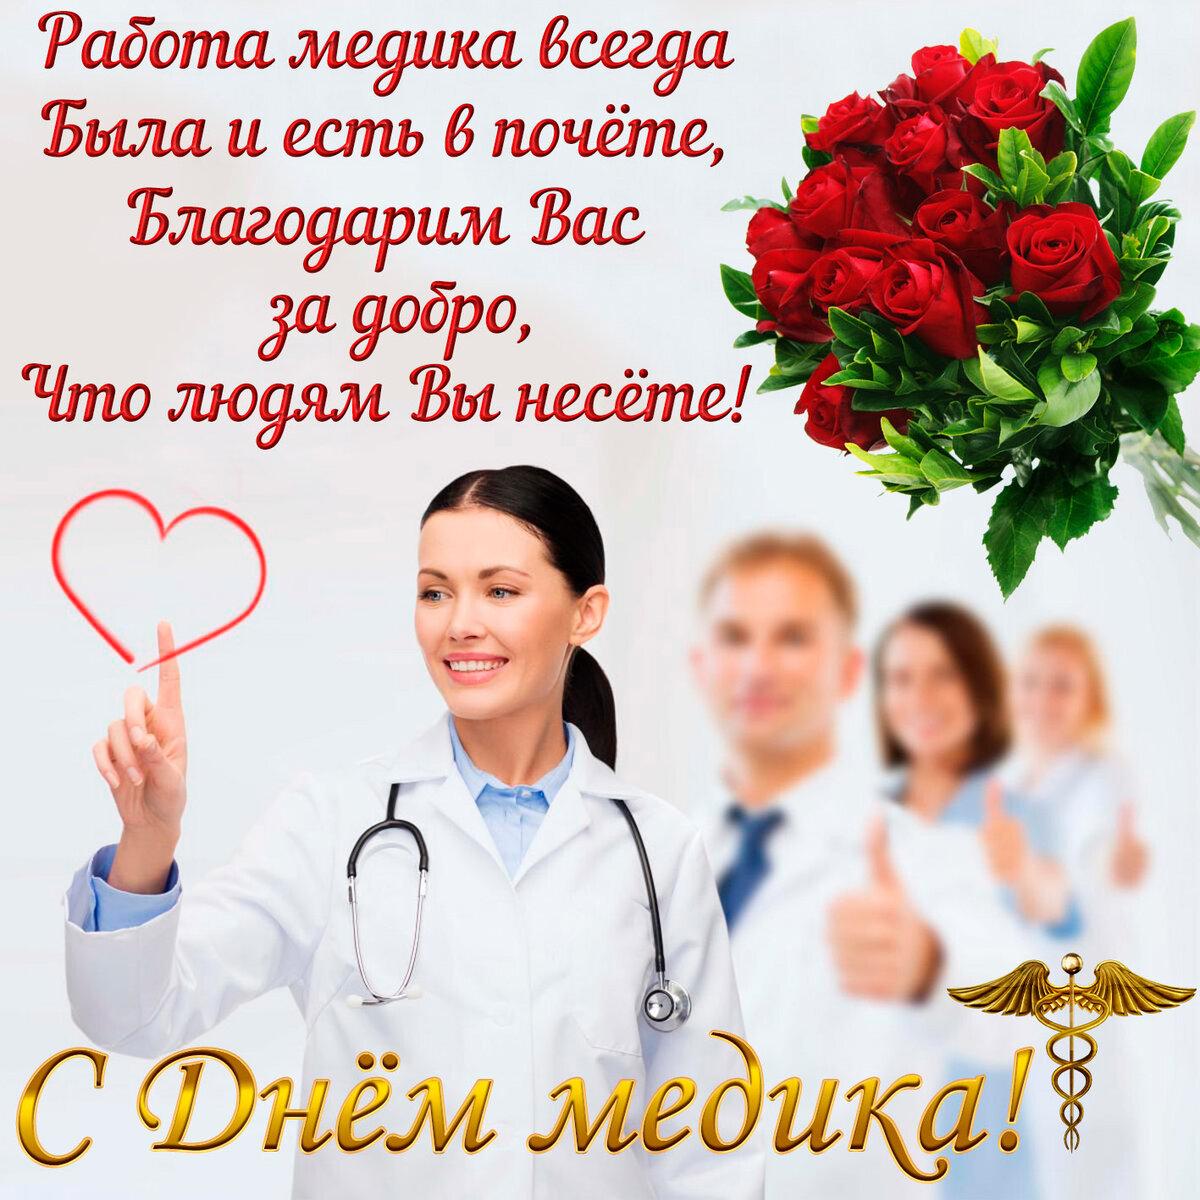 Поздравления гинекологу на день медработника